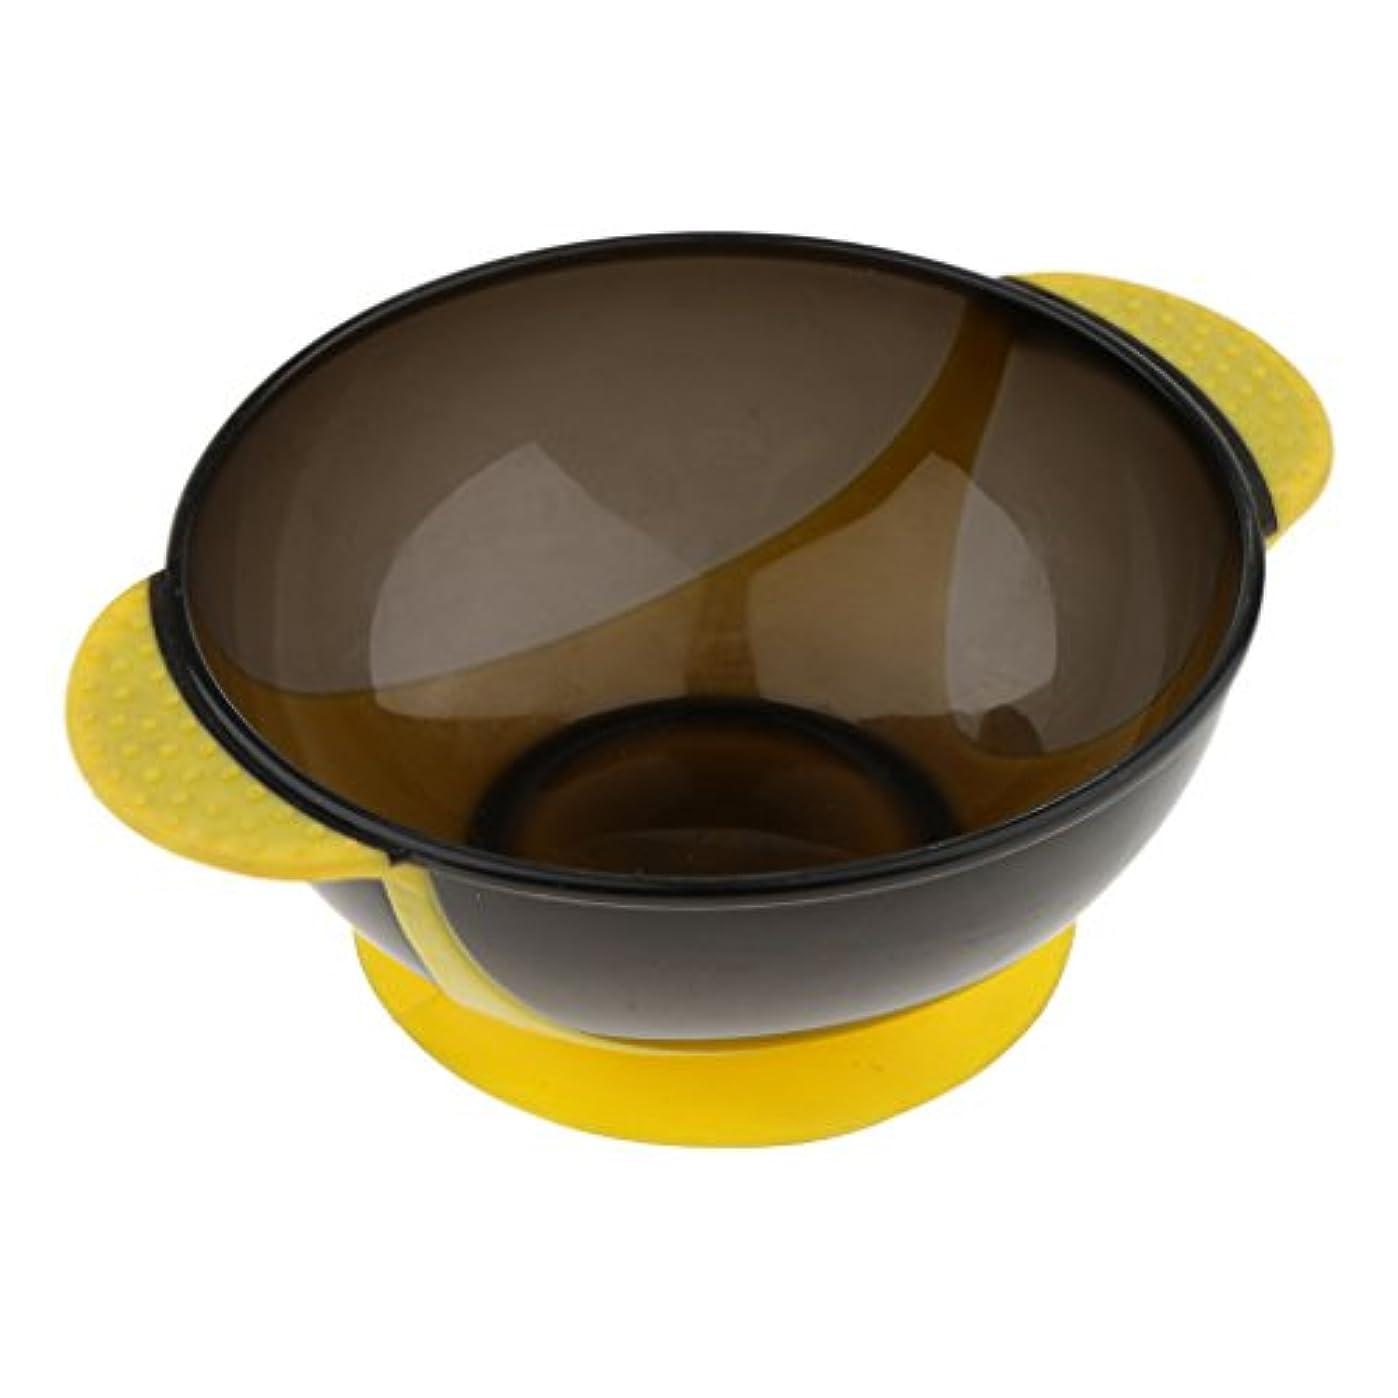 で出来ているはげペンスPerfk ヘアダイボウル プラスチック製 サロン 髪染め ミントボウル 着色ツール 吸引ベース 3色選べる - 黄